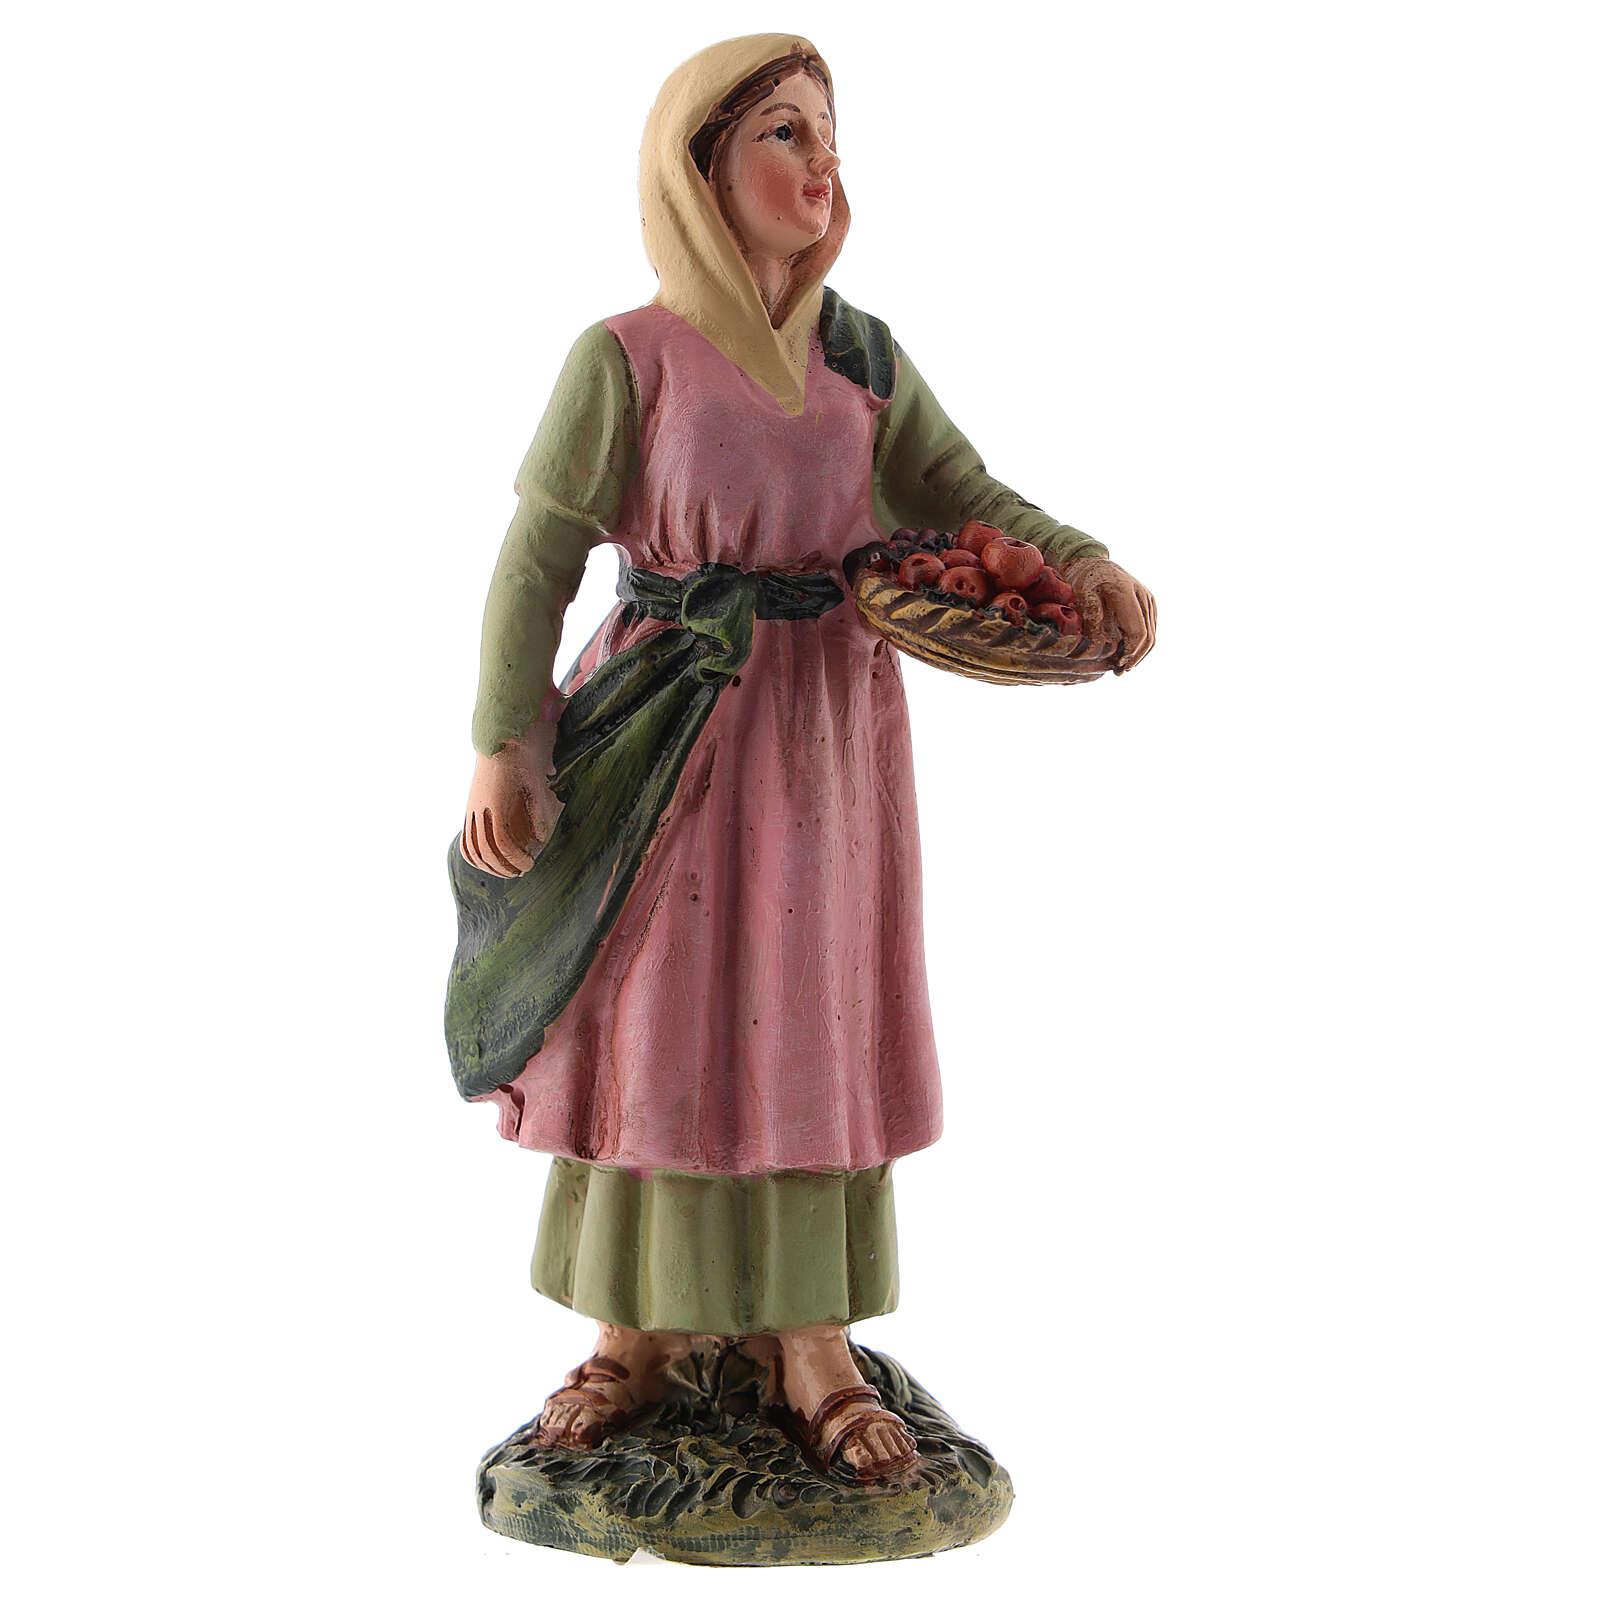 Girl with fruit basket in resin for 10 cm Nativity scene, Landi 3